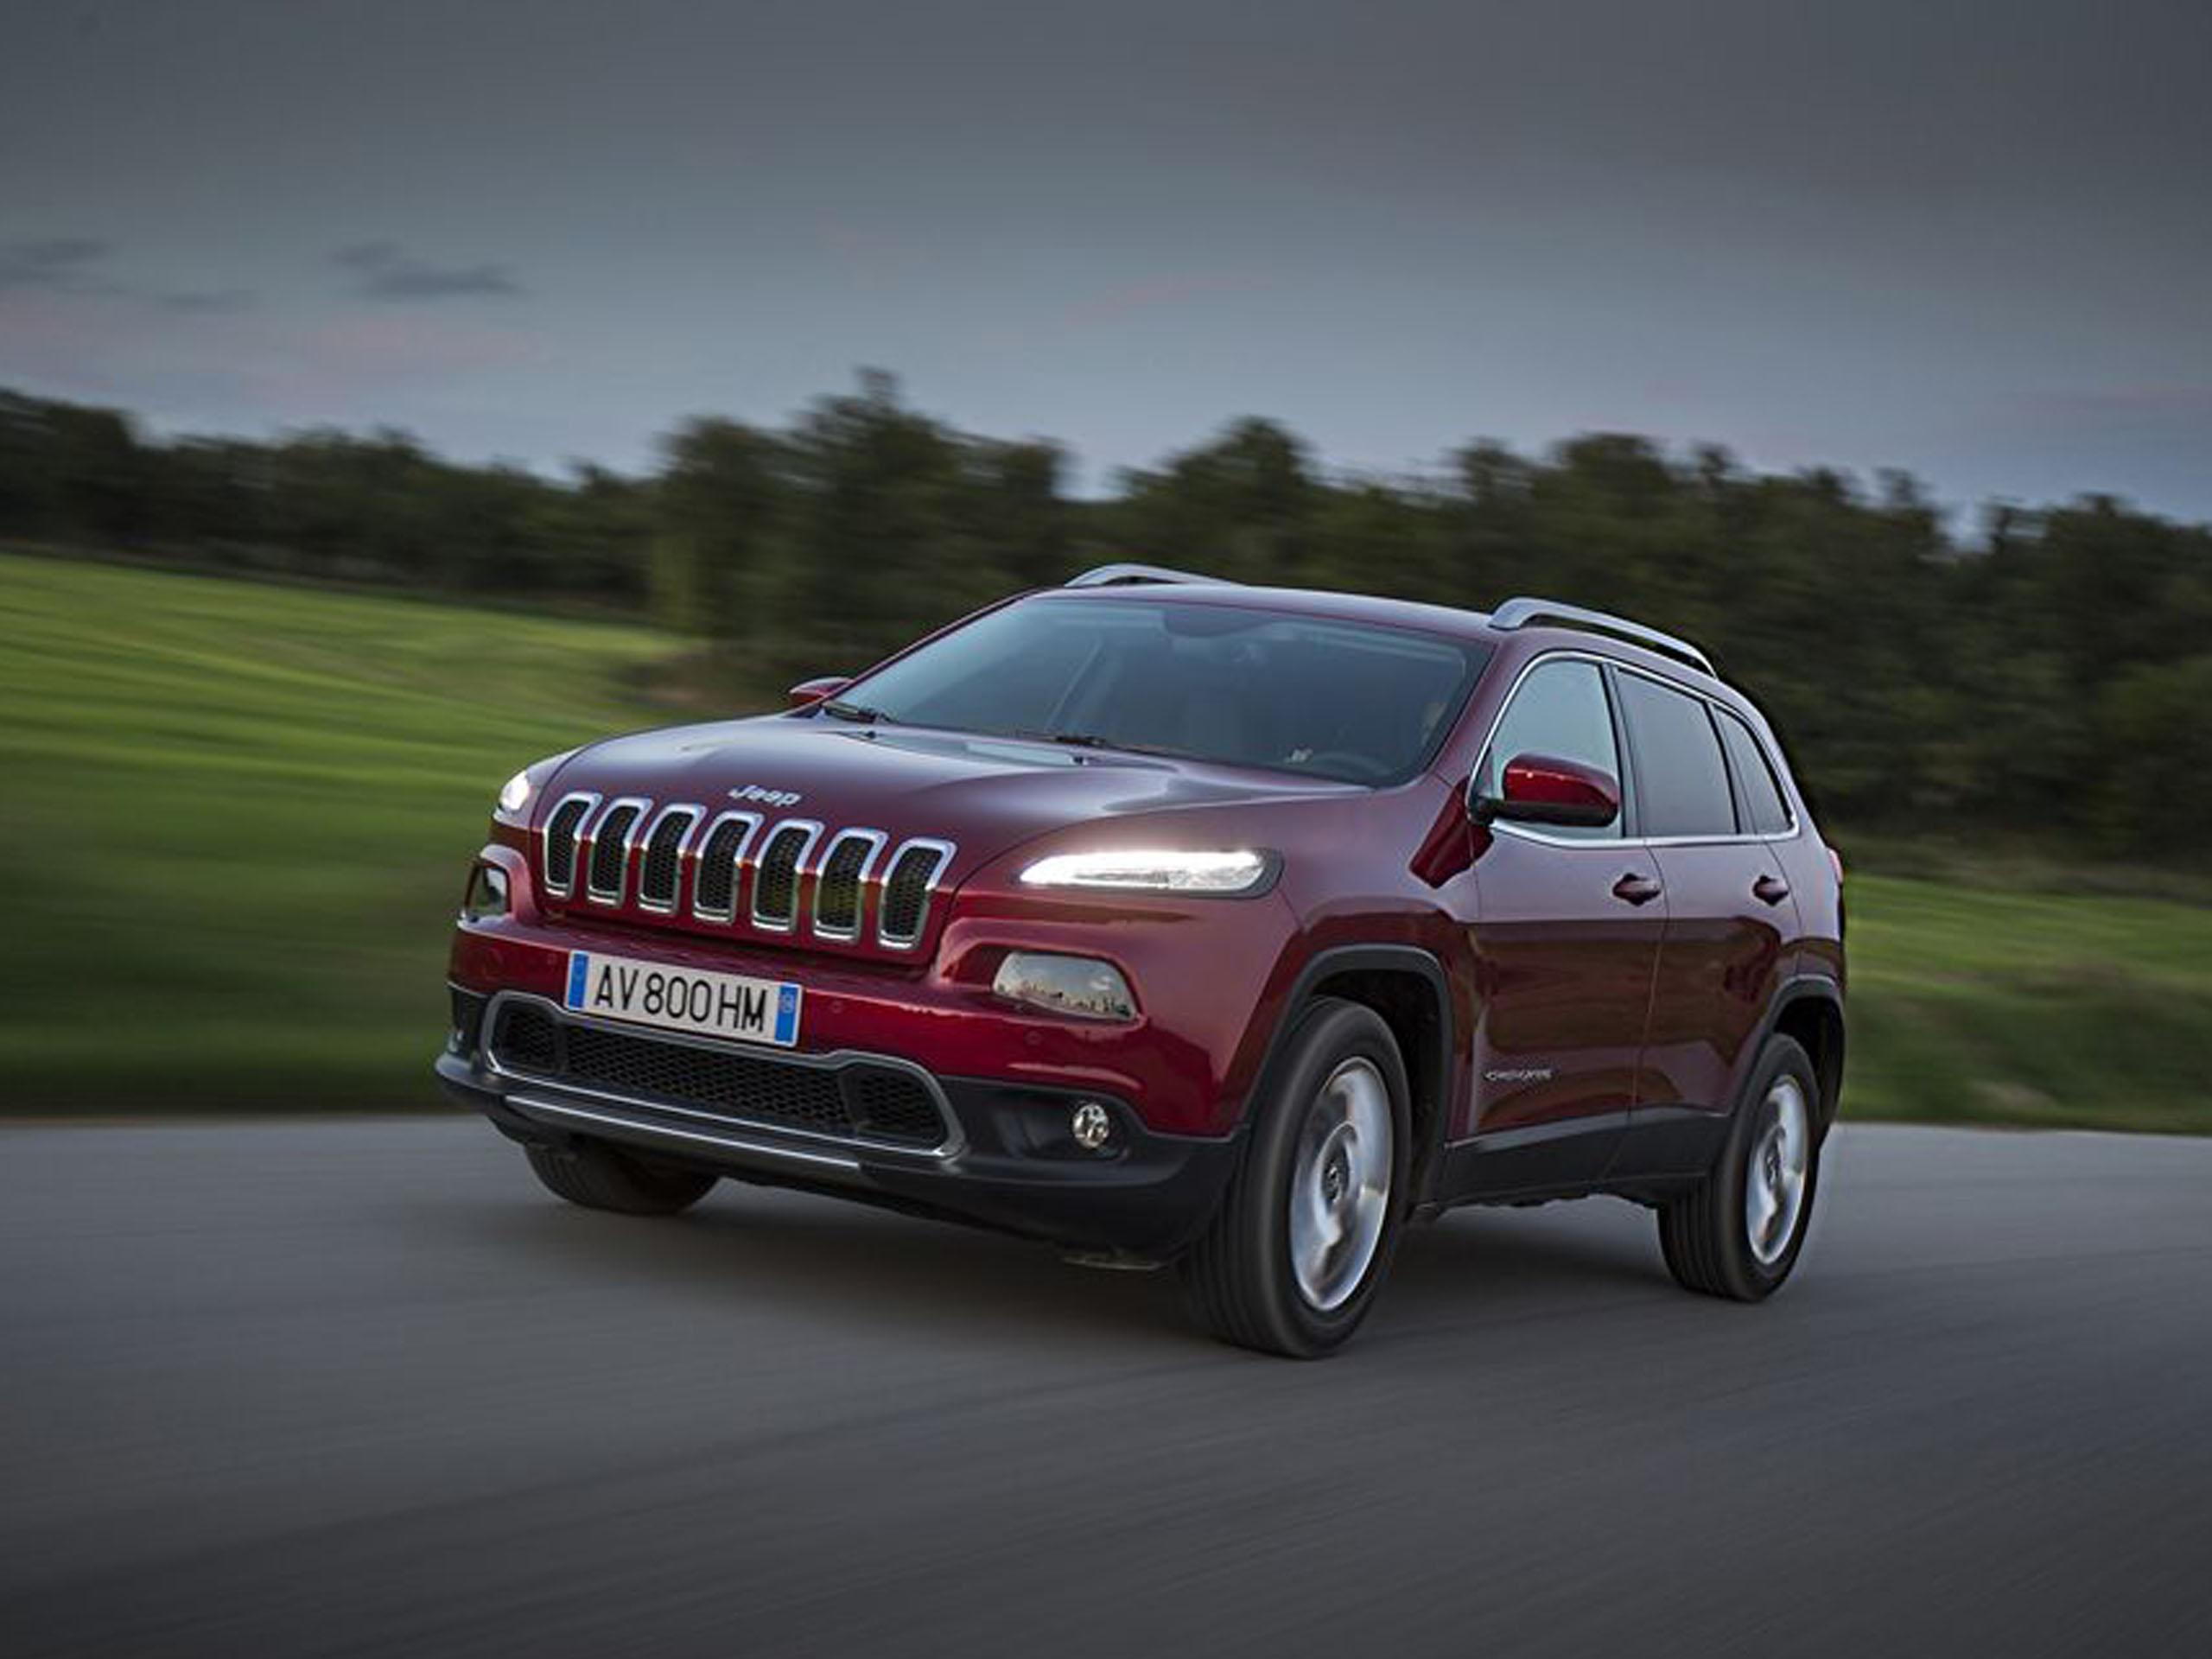 Neuheiten jeep cherokee 2014 preise marktstart deutschland technische daten bilder